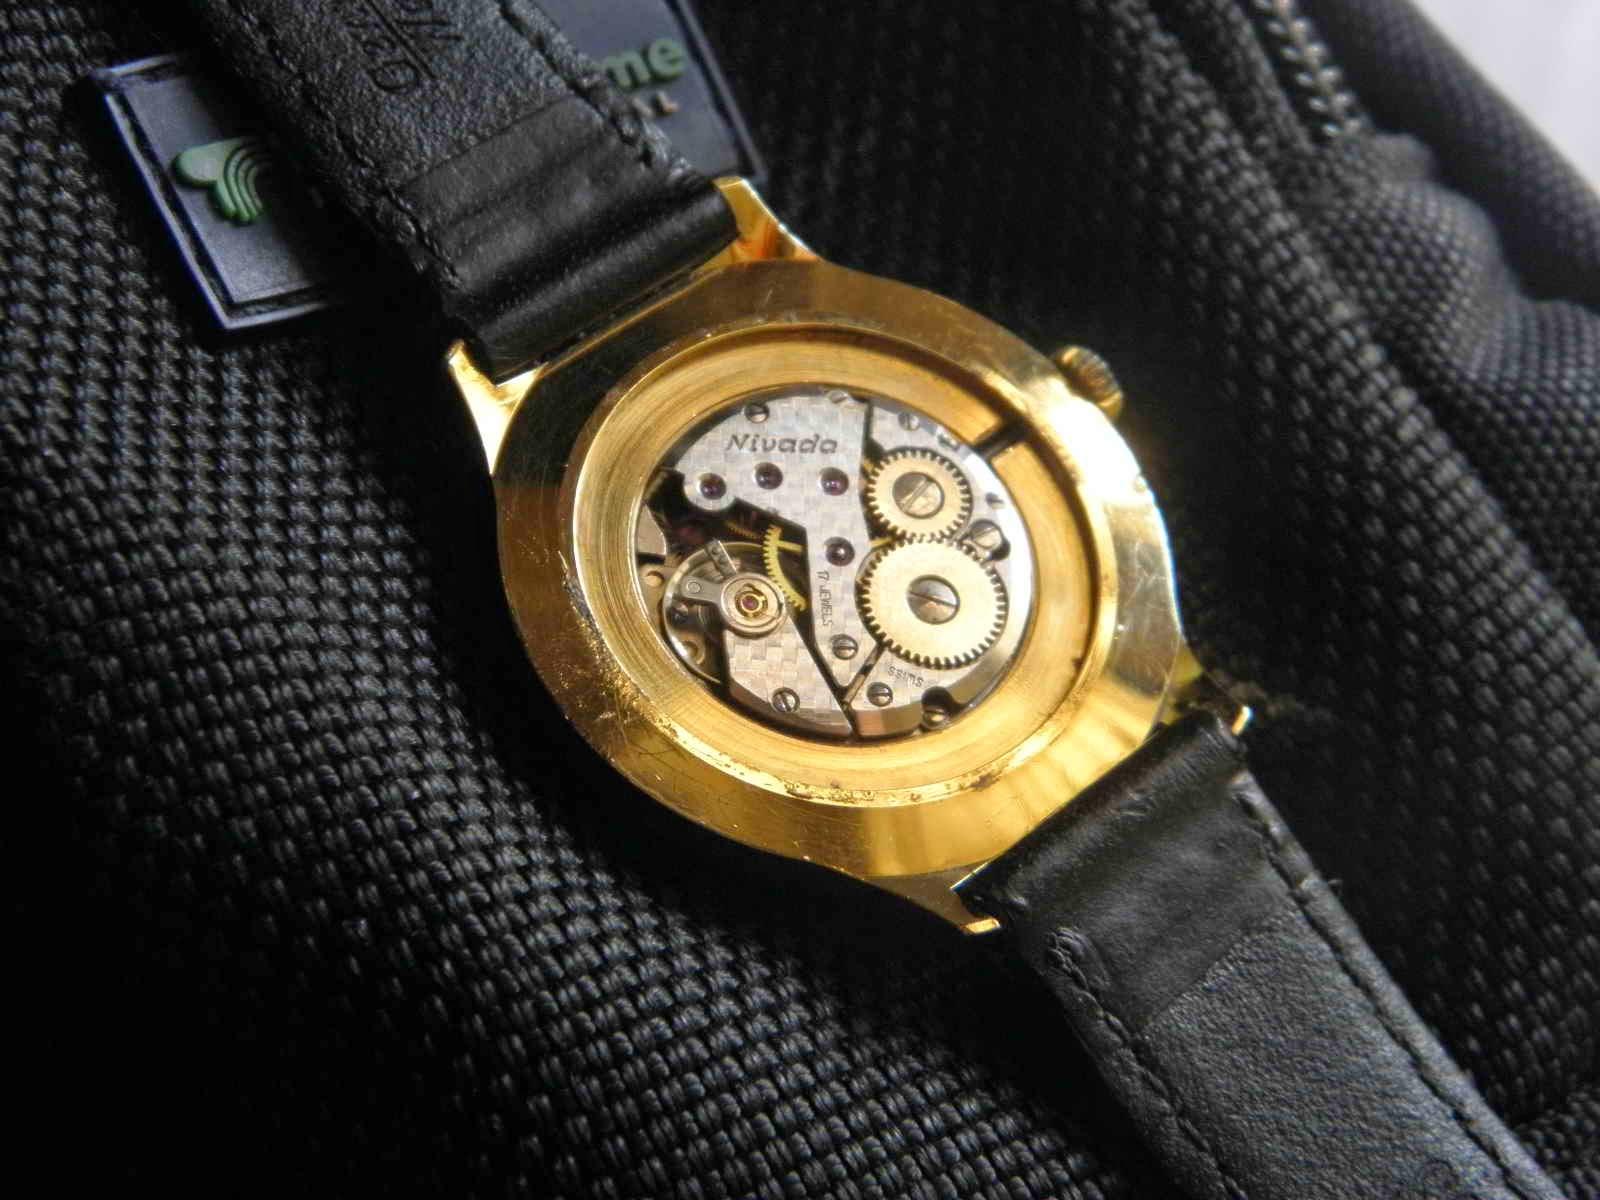 Kiosku Januari 2015 Rolex Gmt Kombinasi Swiss Mesin 2838 2 Movement Manual Wind 17 Jewels Made Dia 35 Mm W C Dial Hitam Bertekstur Retak Spider Unik Dan Spesial Index Irit Hanya 4 Saja